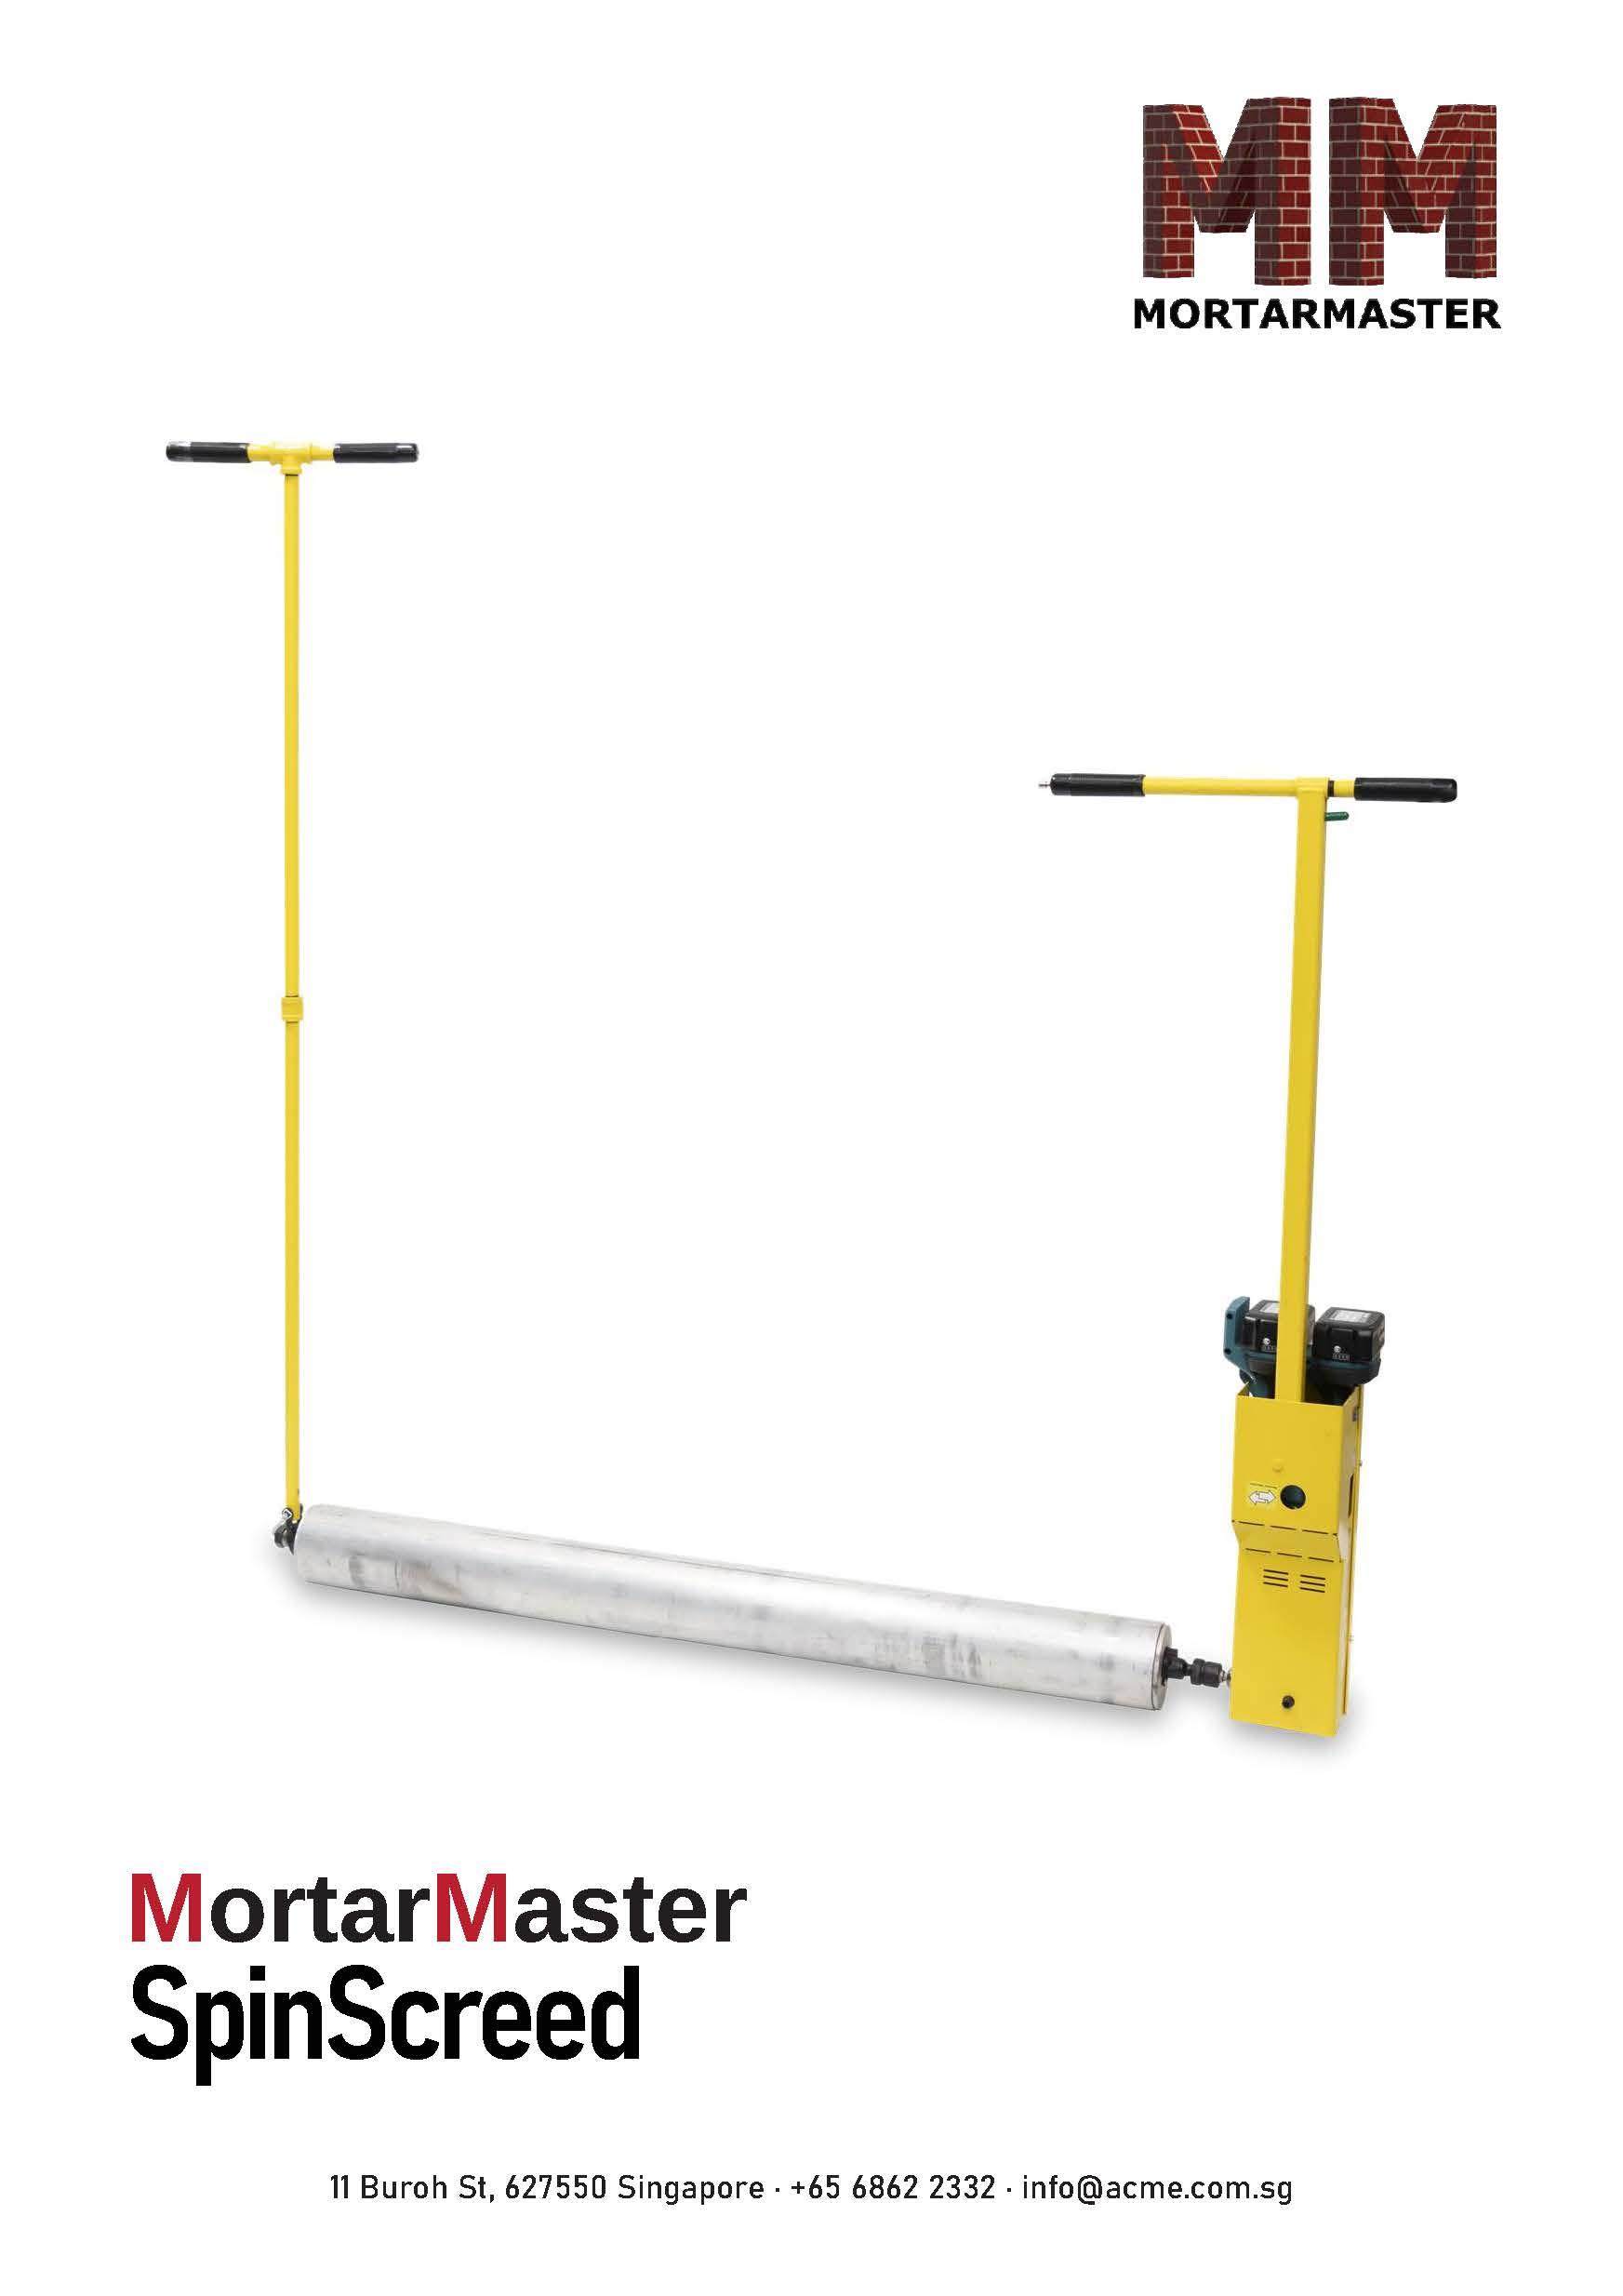 Mortar Master SpinScreed Roller Screed Brochure